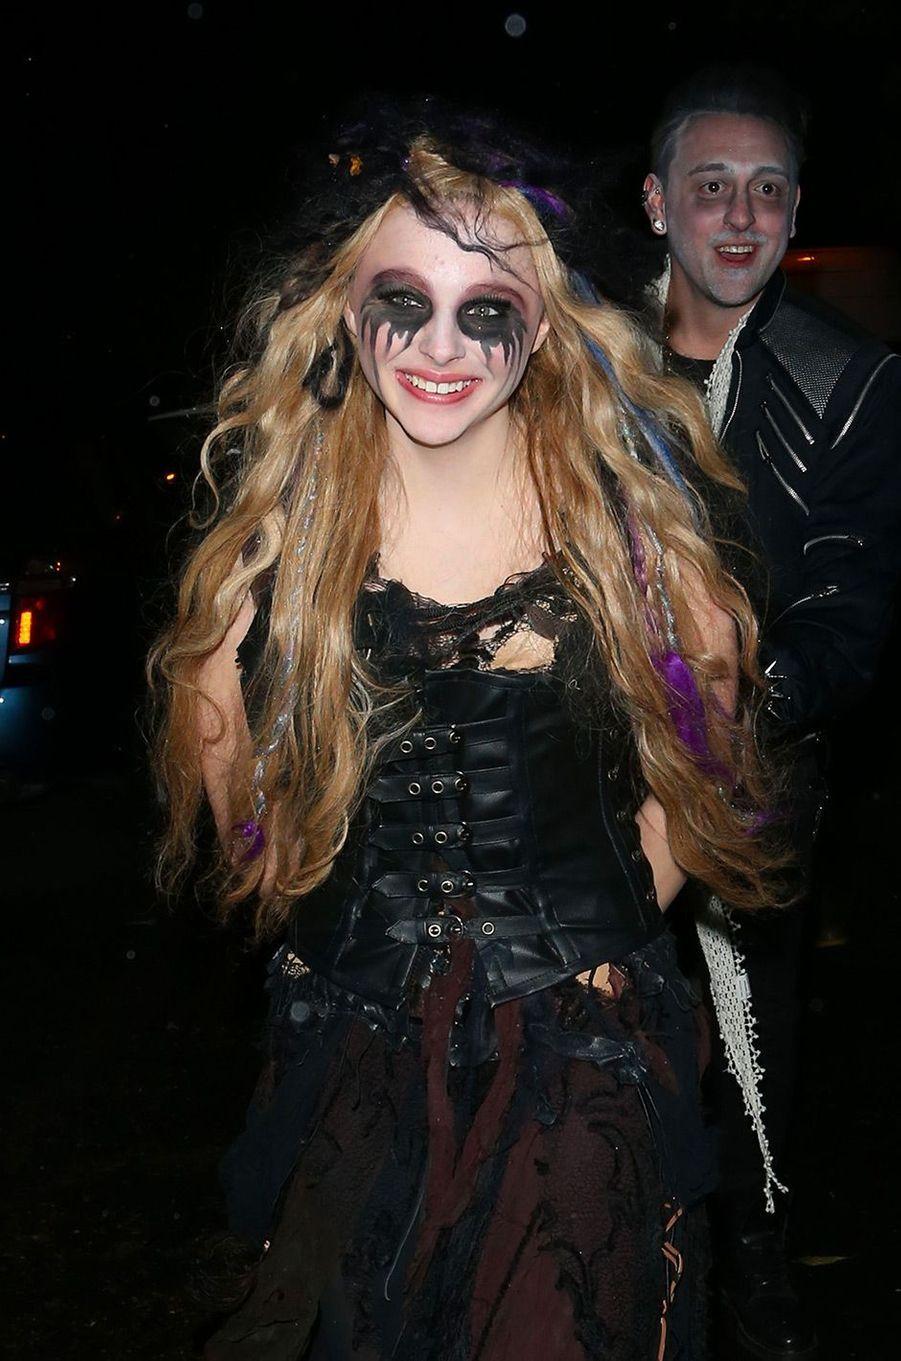 """Chloé Grace Moretz en Bellatrix Lestrange dans """"Harry Potter""""pour Halloween 2012"""